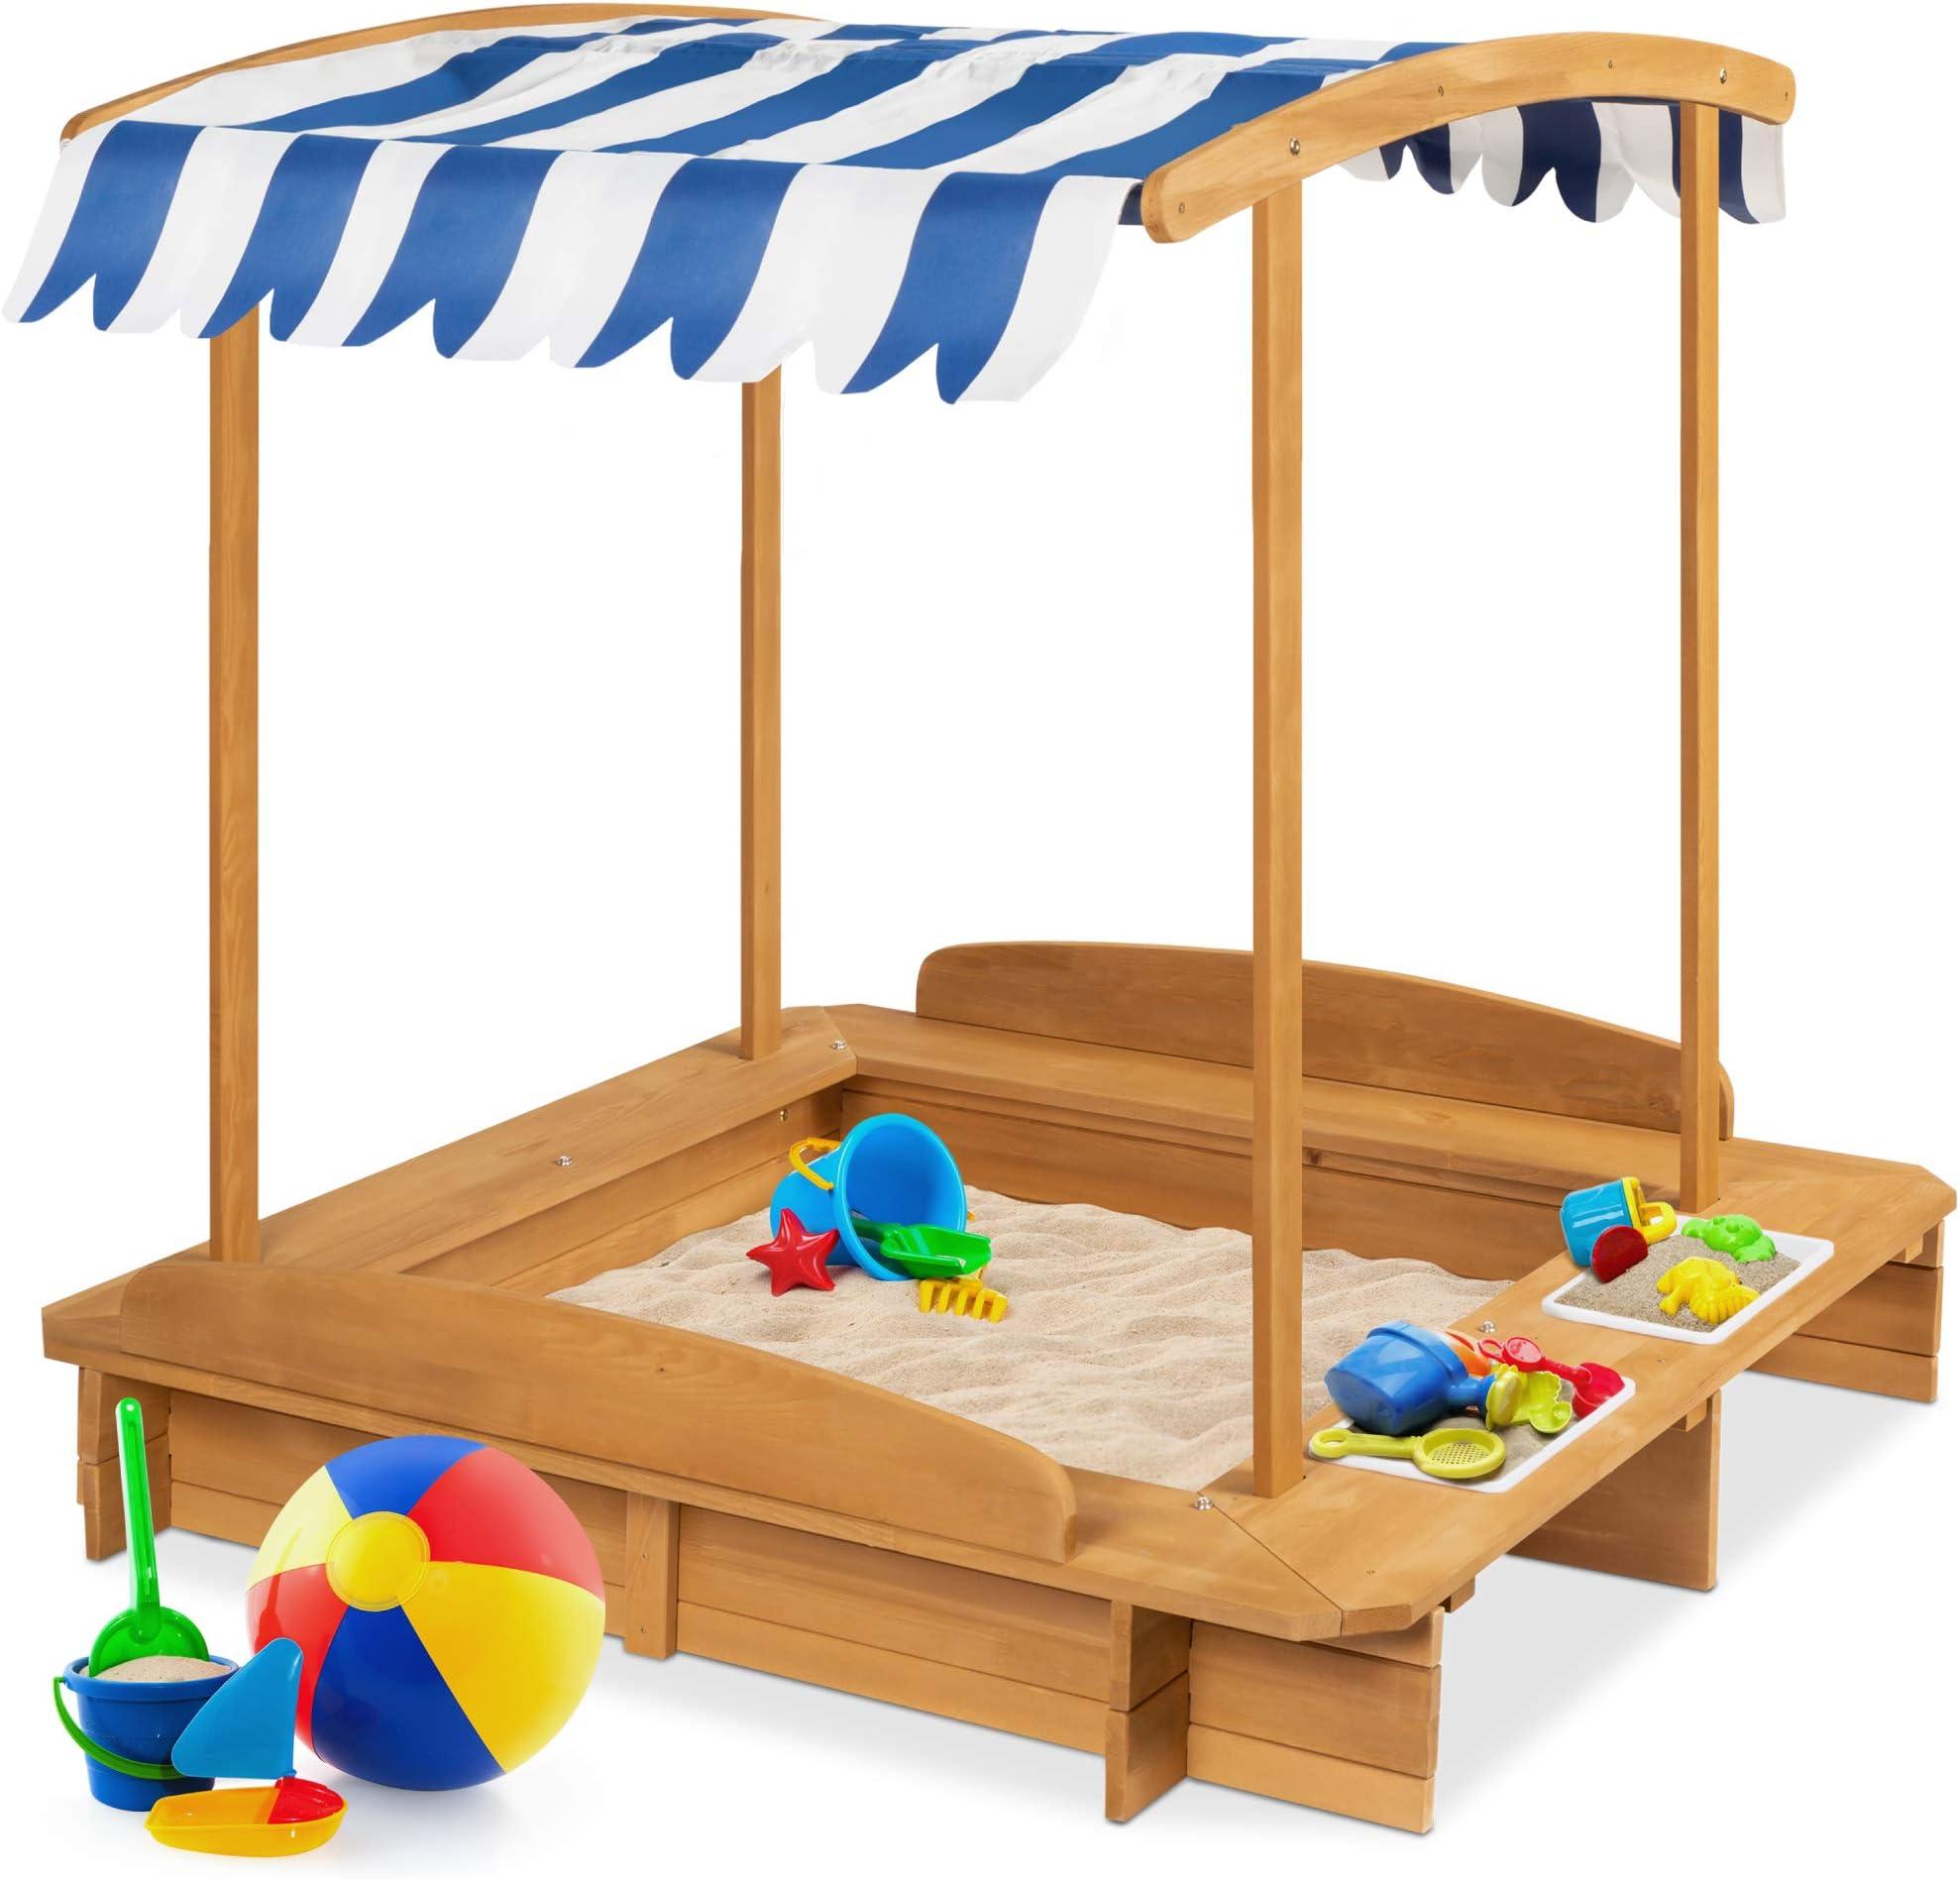 Wooden Sandbox Kids Outdoor Playset With Canopy Children Outdoor Beach Backyard